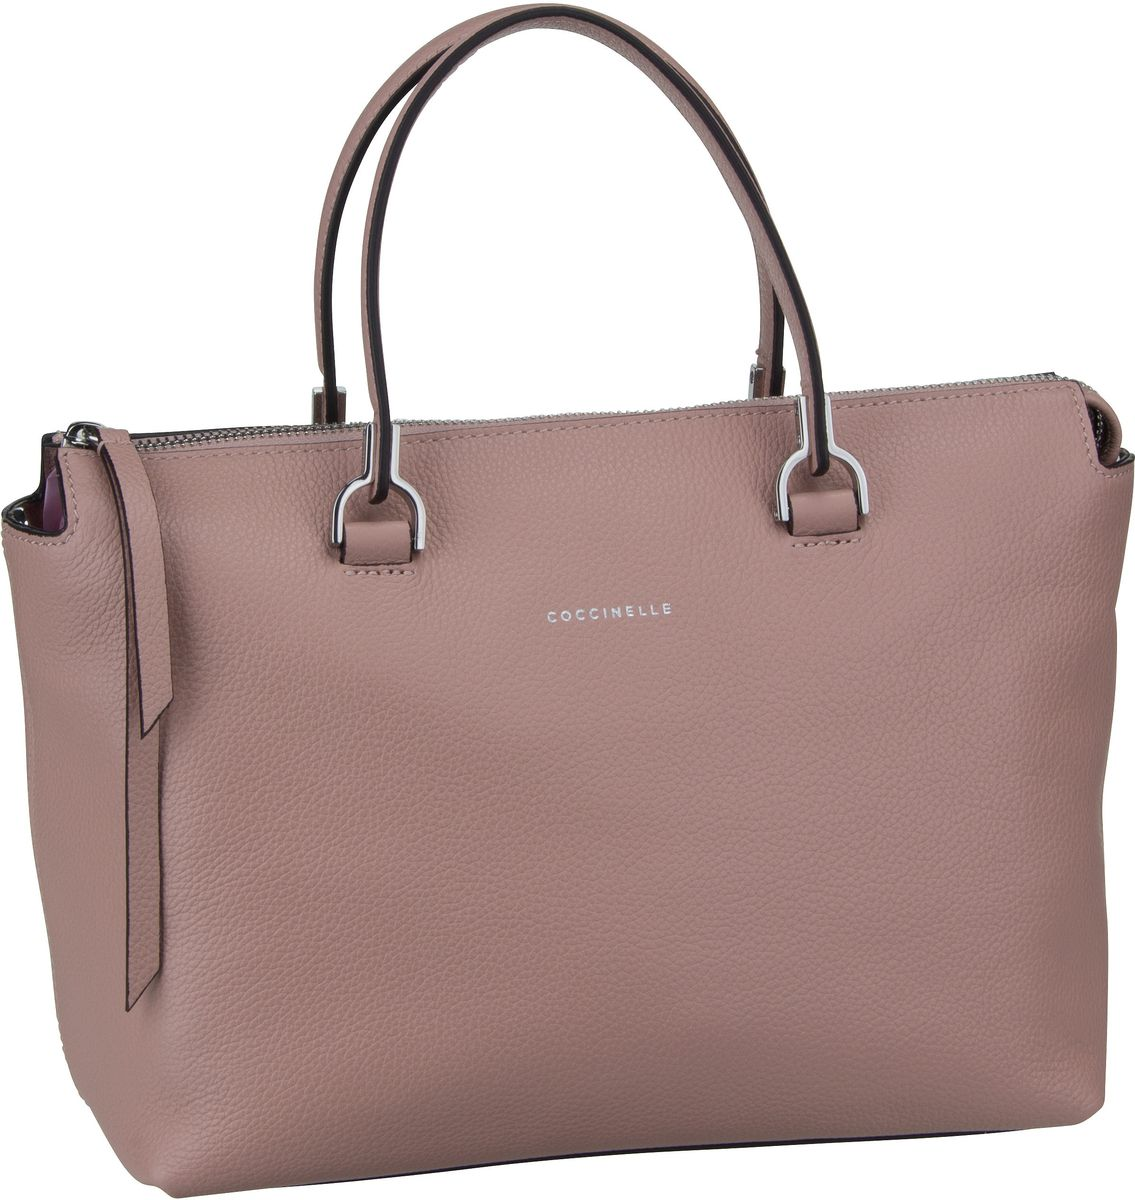 Handtasche Keyla 1802 Pivione